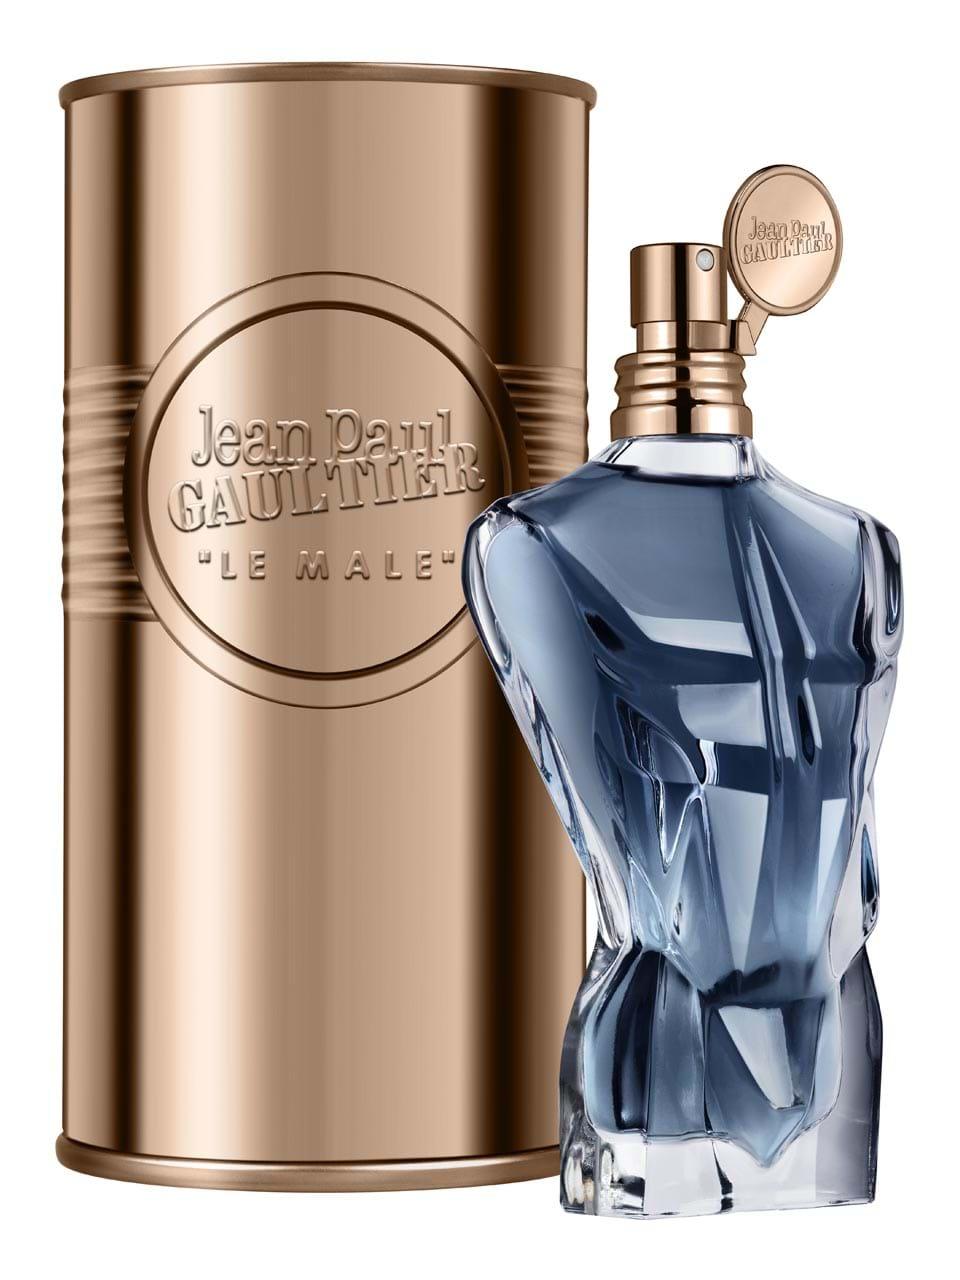 75 Paul Male Jean Parfum Ml Gaultier Essence Le De 5L3Rjq4A